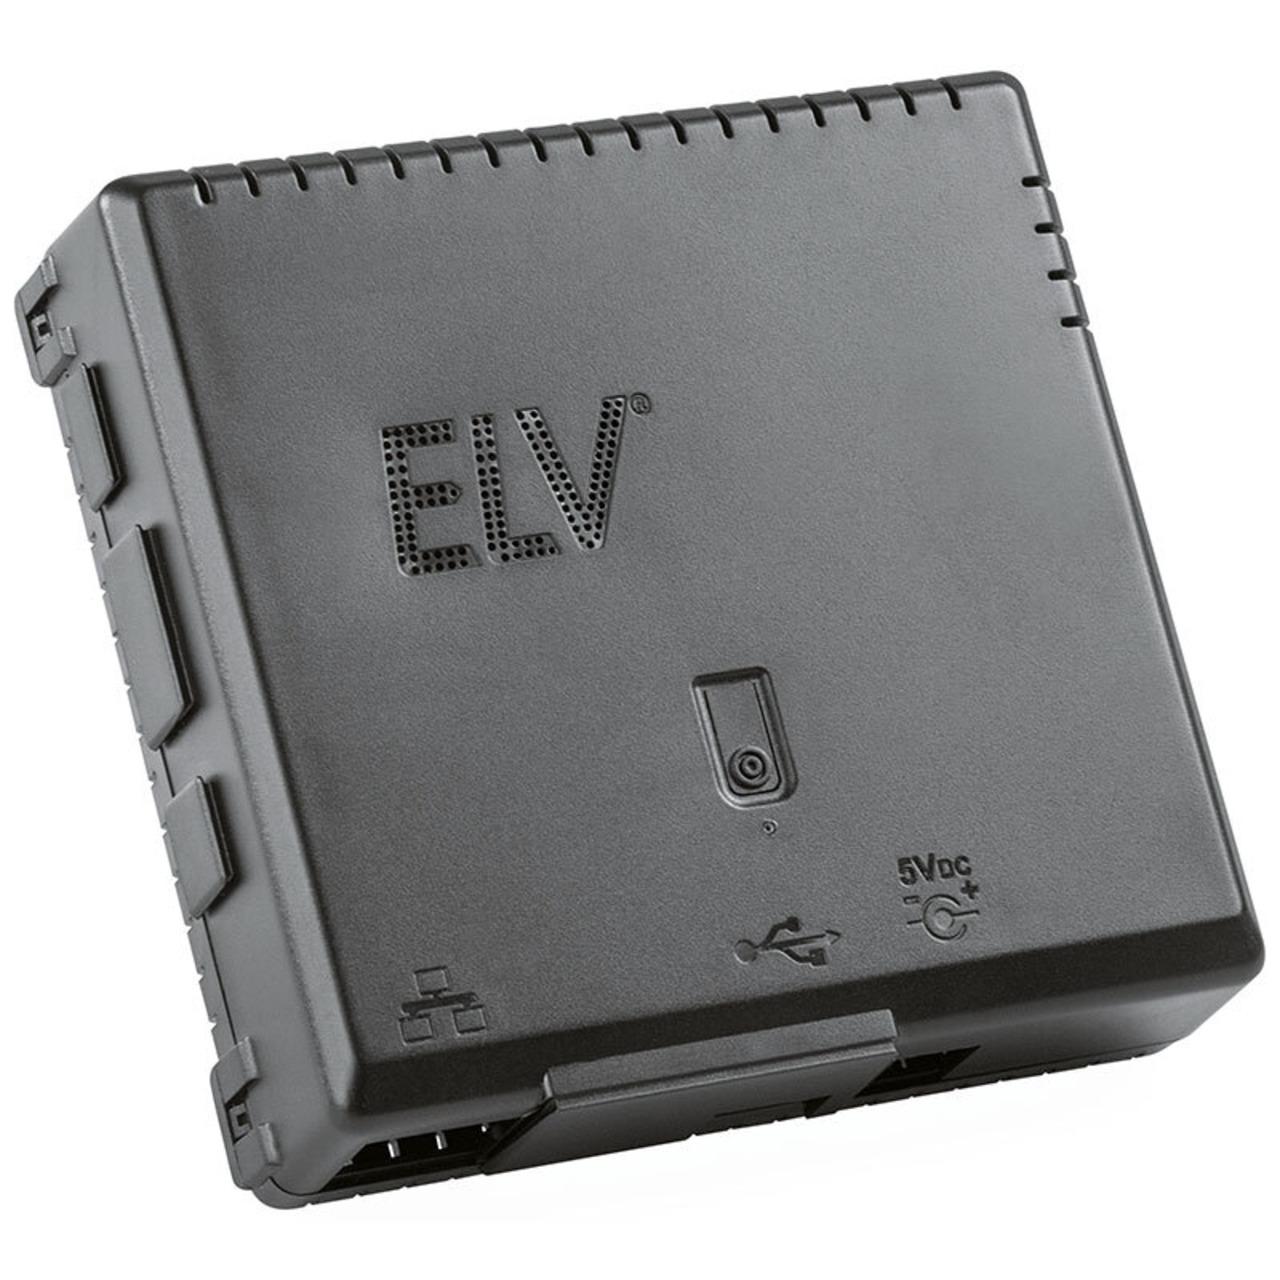 ELV Komplettbausatz Gehäuse RP-Case für Raspberry Pi und RPI-RF-MOD Funk-Modulplatine- schwarz